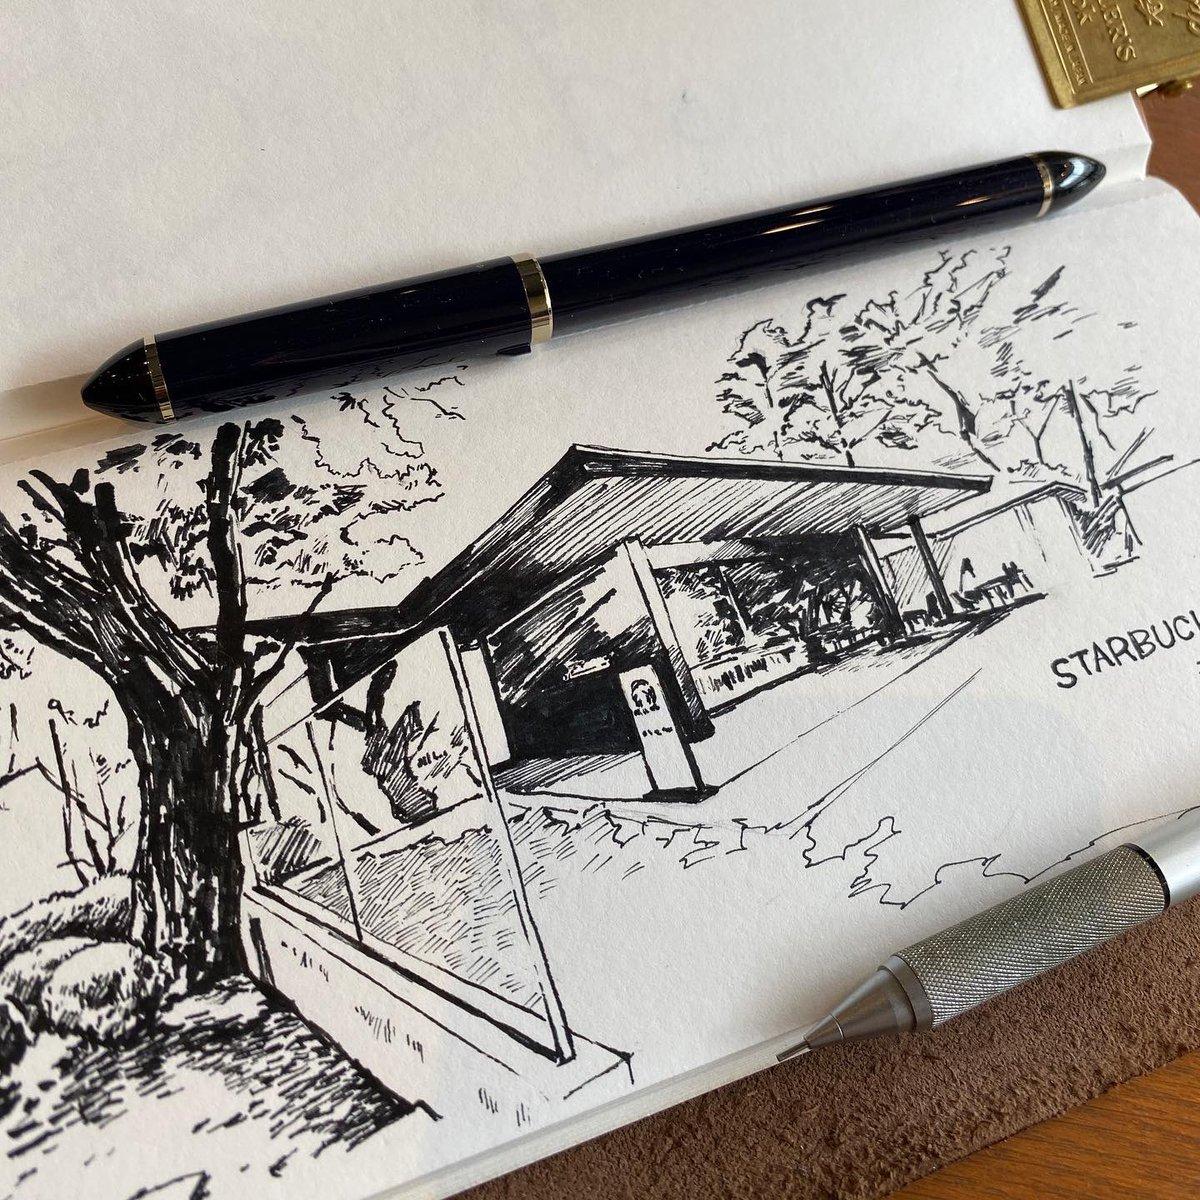 新宿御苑のスターバックスを描きました。  #STARBUCKS #スターバックス #スタバ #新宿御苑 #スケッチ #トラベラーズノート #travelersnote #travelersnotebook #inking  #illustration #illust #illustagram #illustrator #イラスト #イラストレーション #draw #drawingpic.twitter.com/vCLgTc53nB